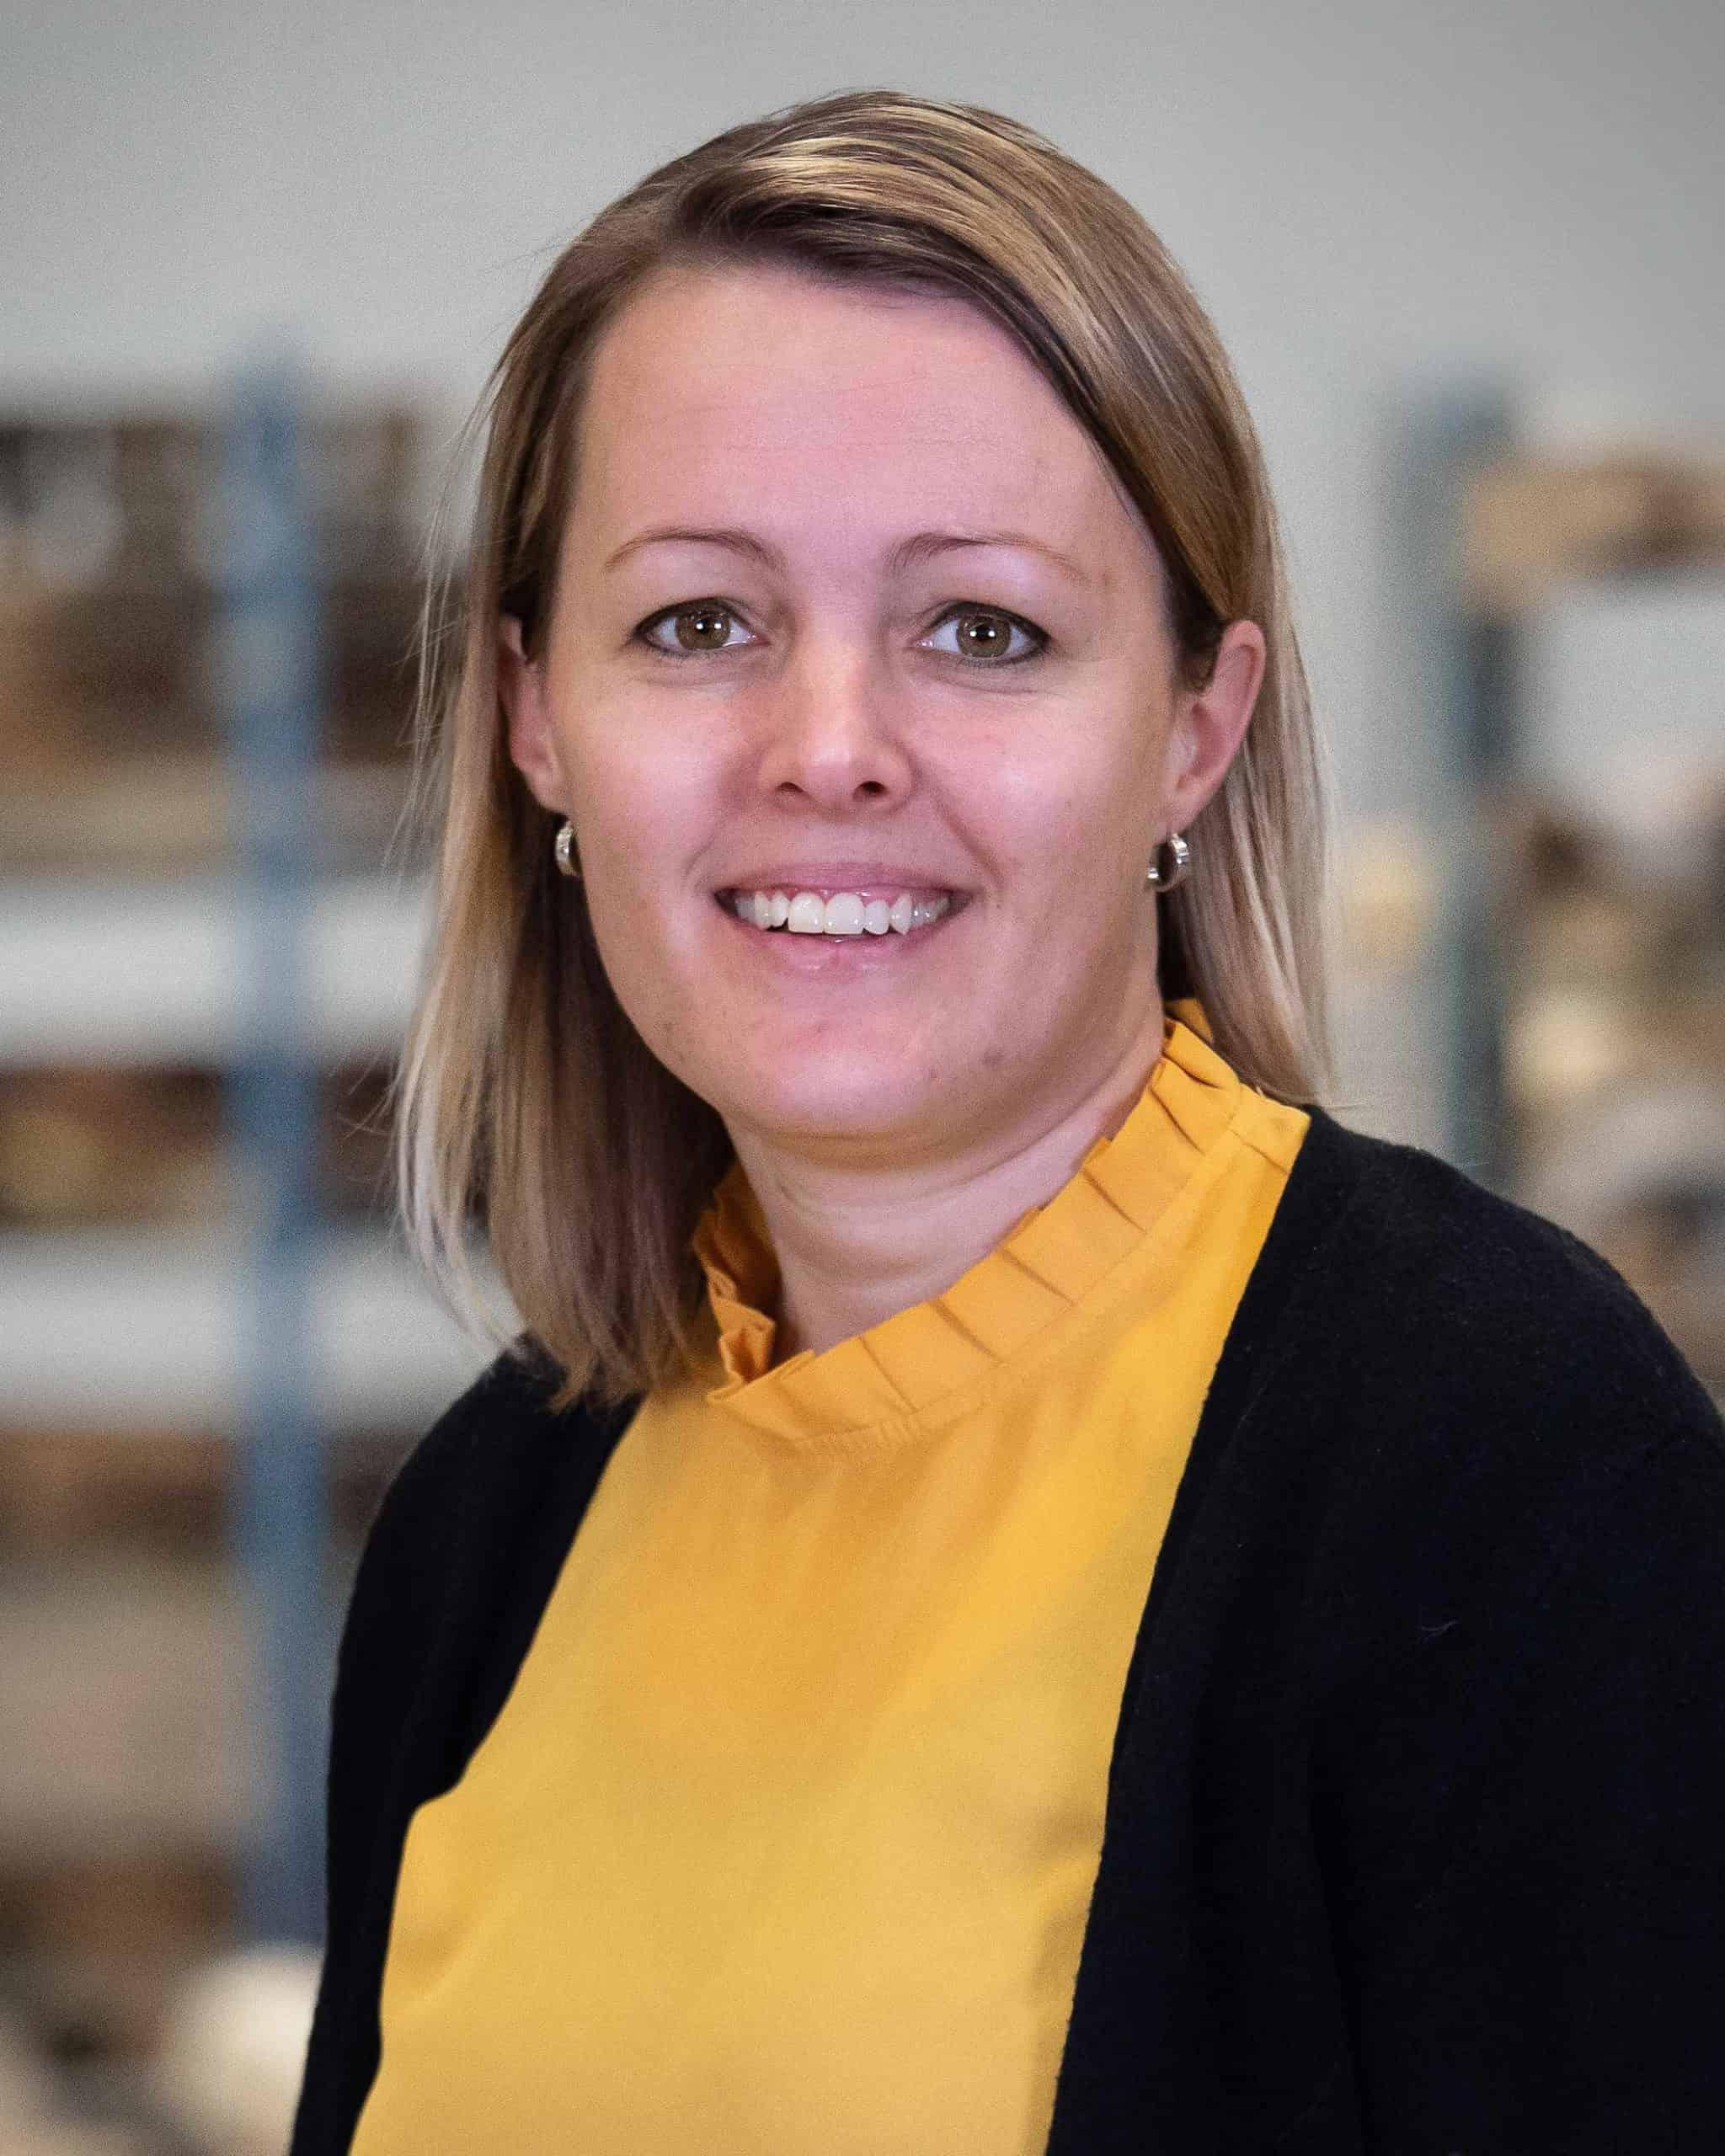 Emma Holth-Carlsson